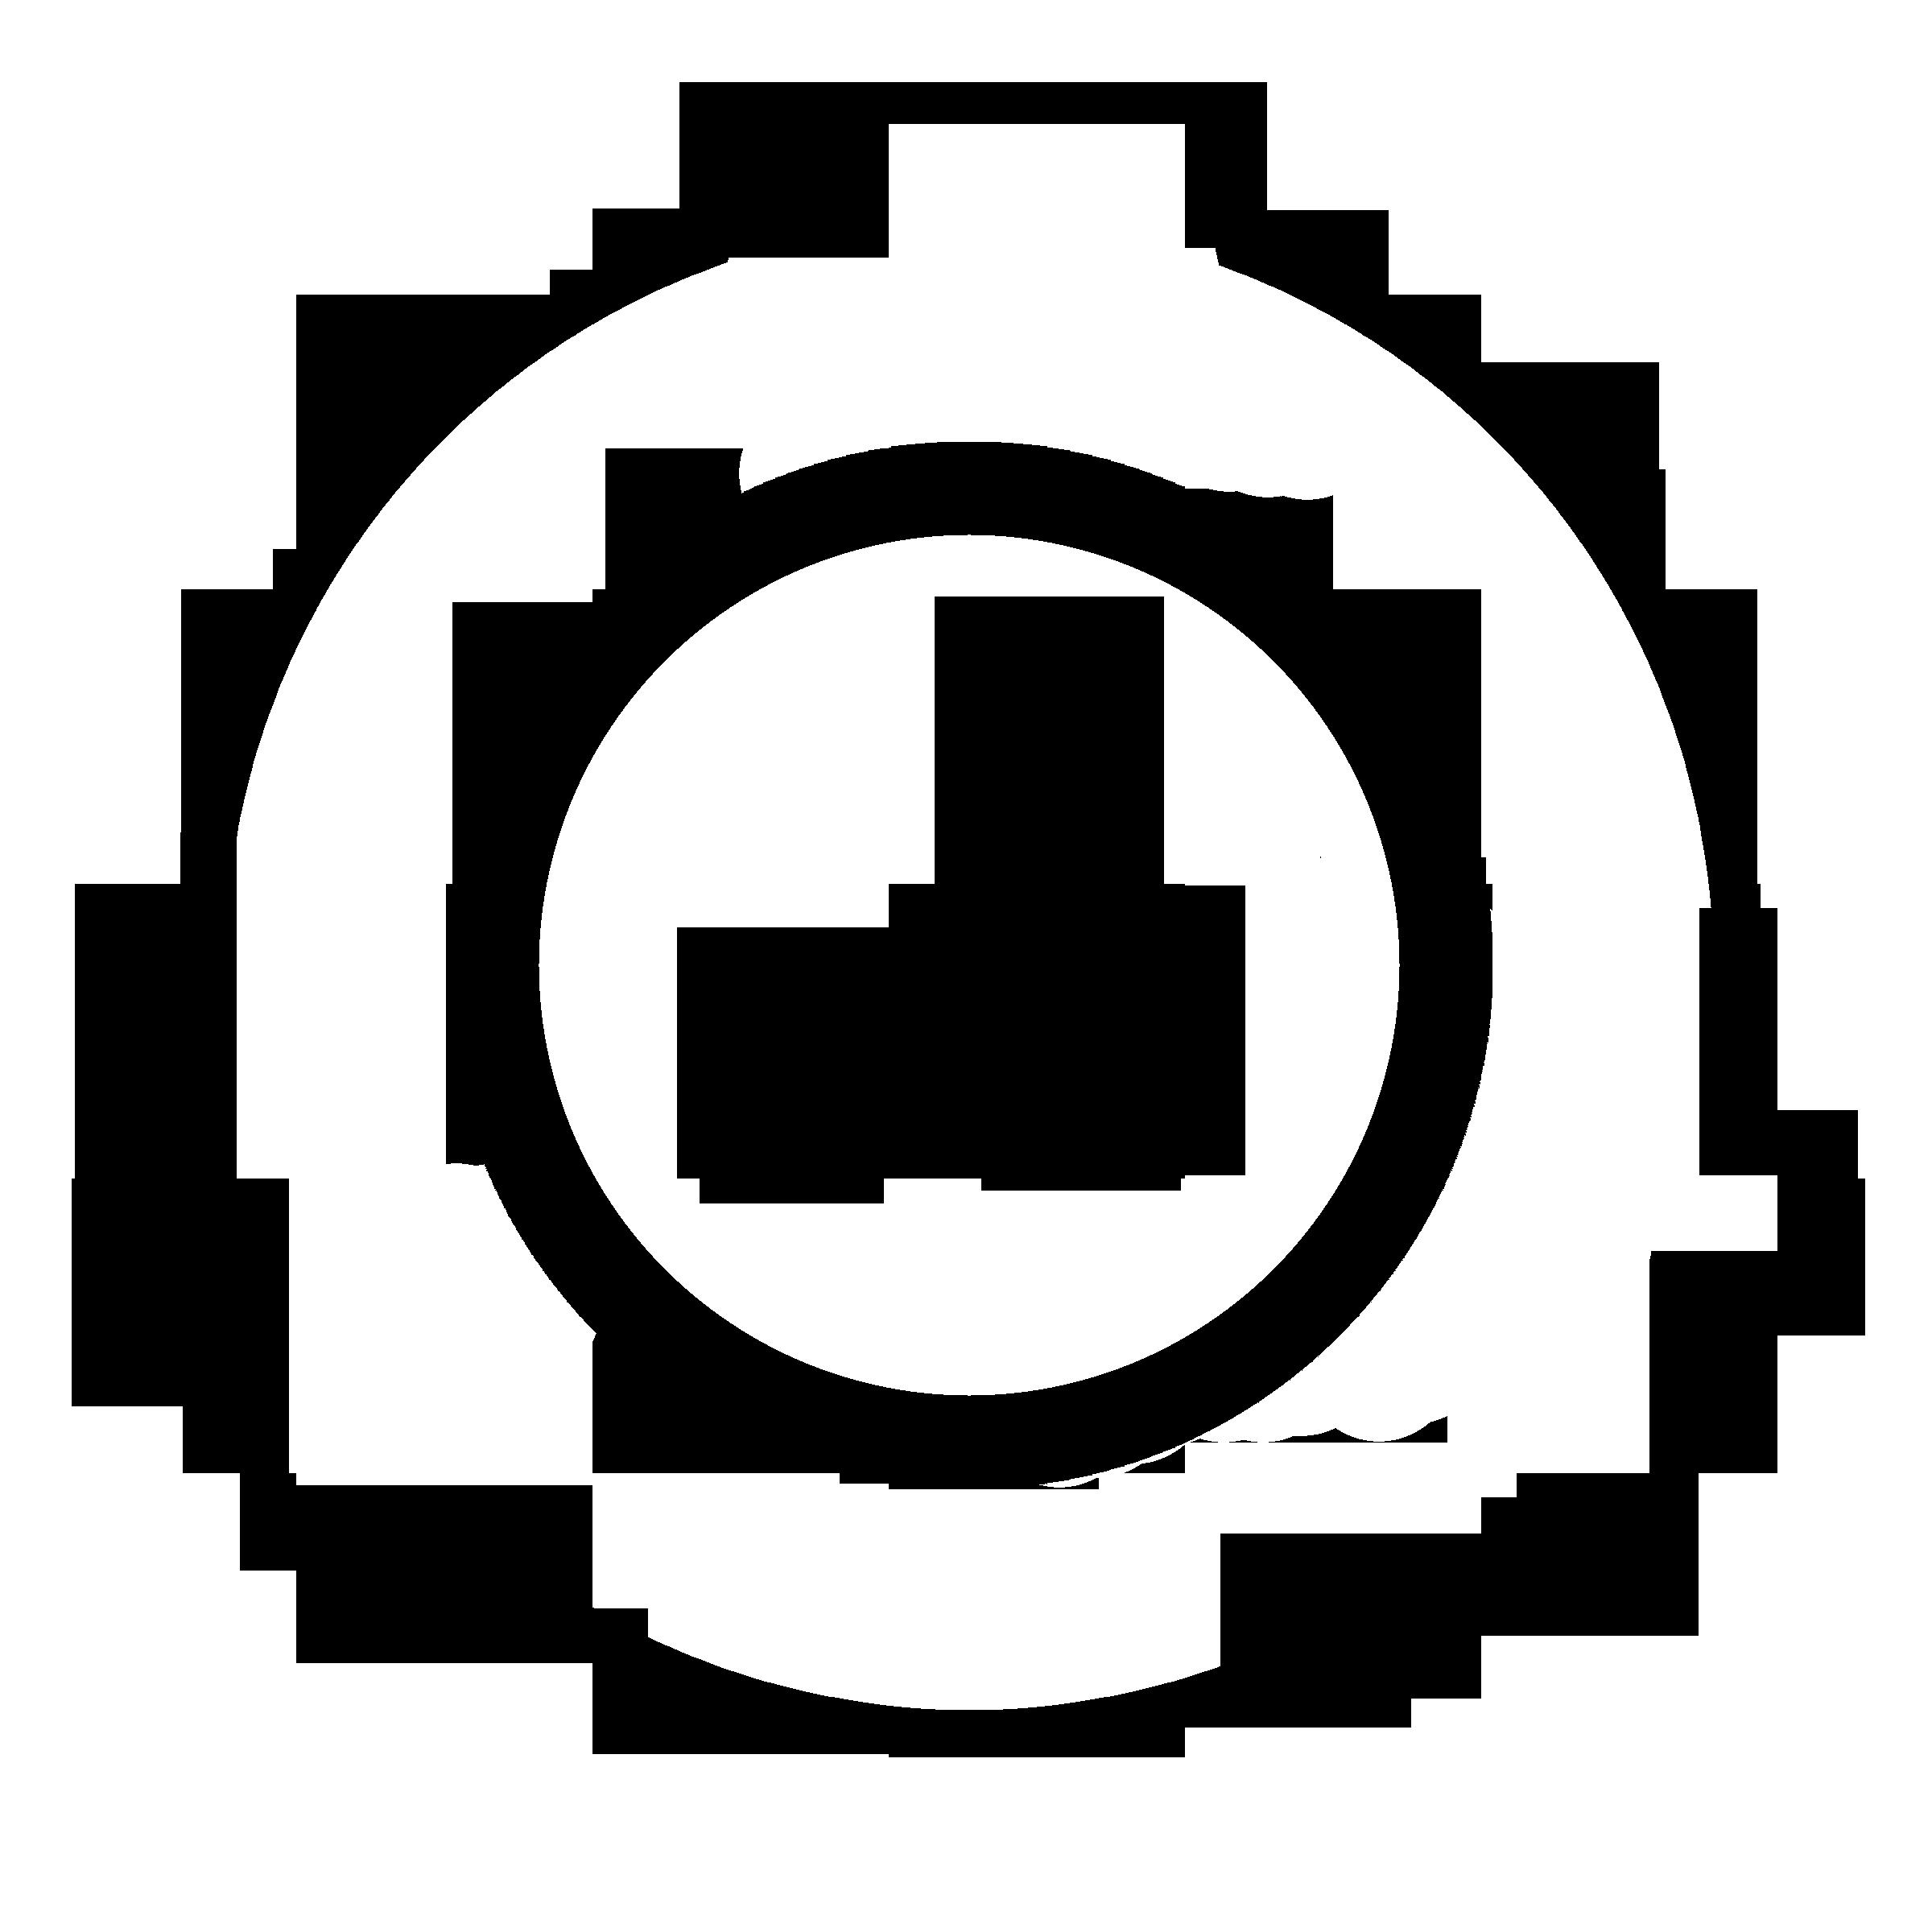 Emblema_Critica.png